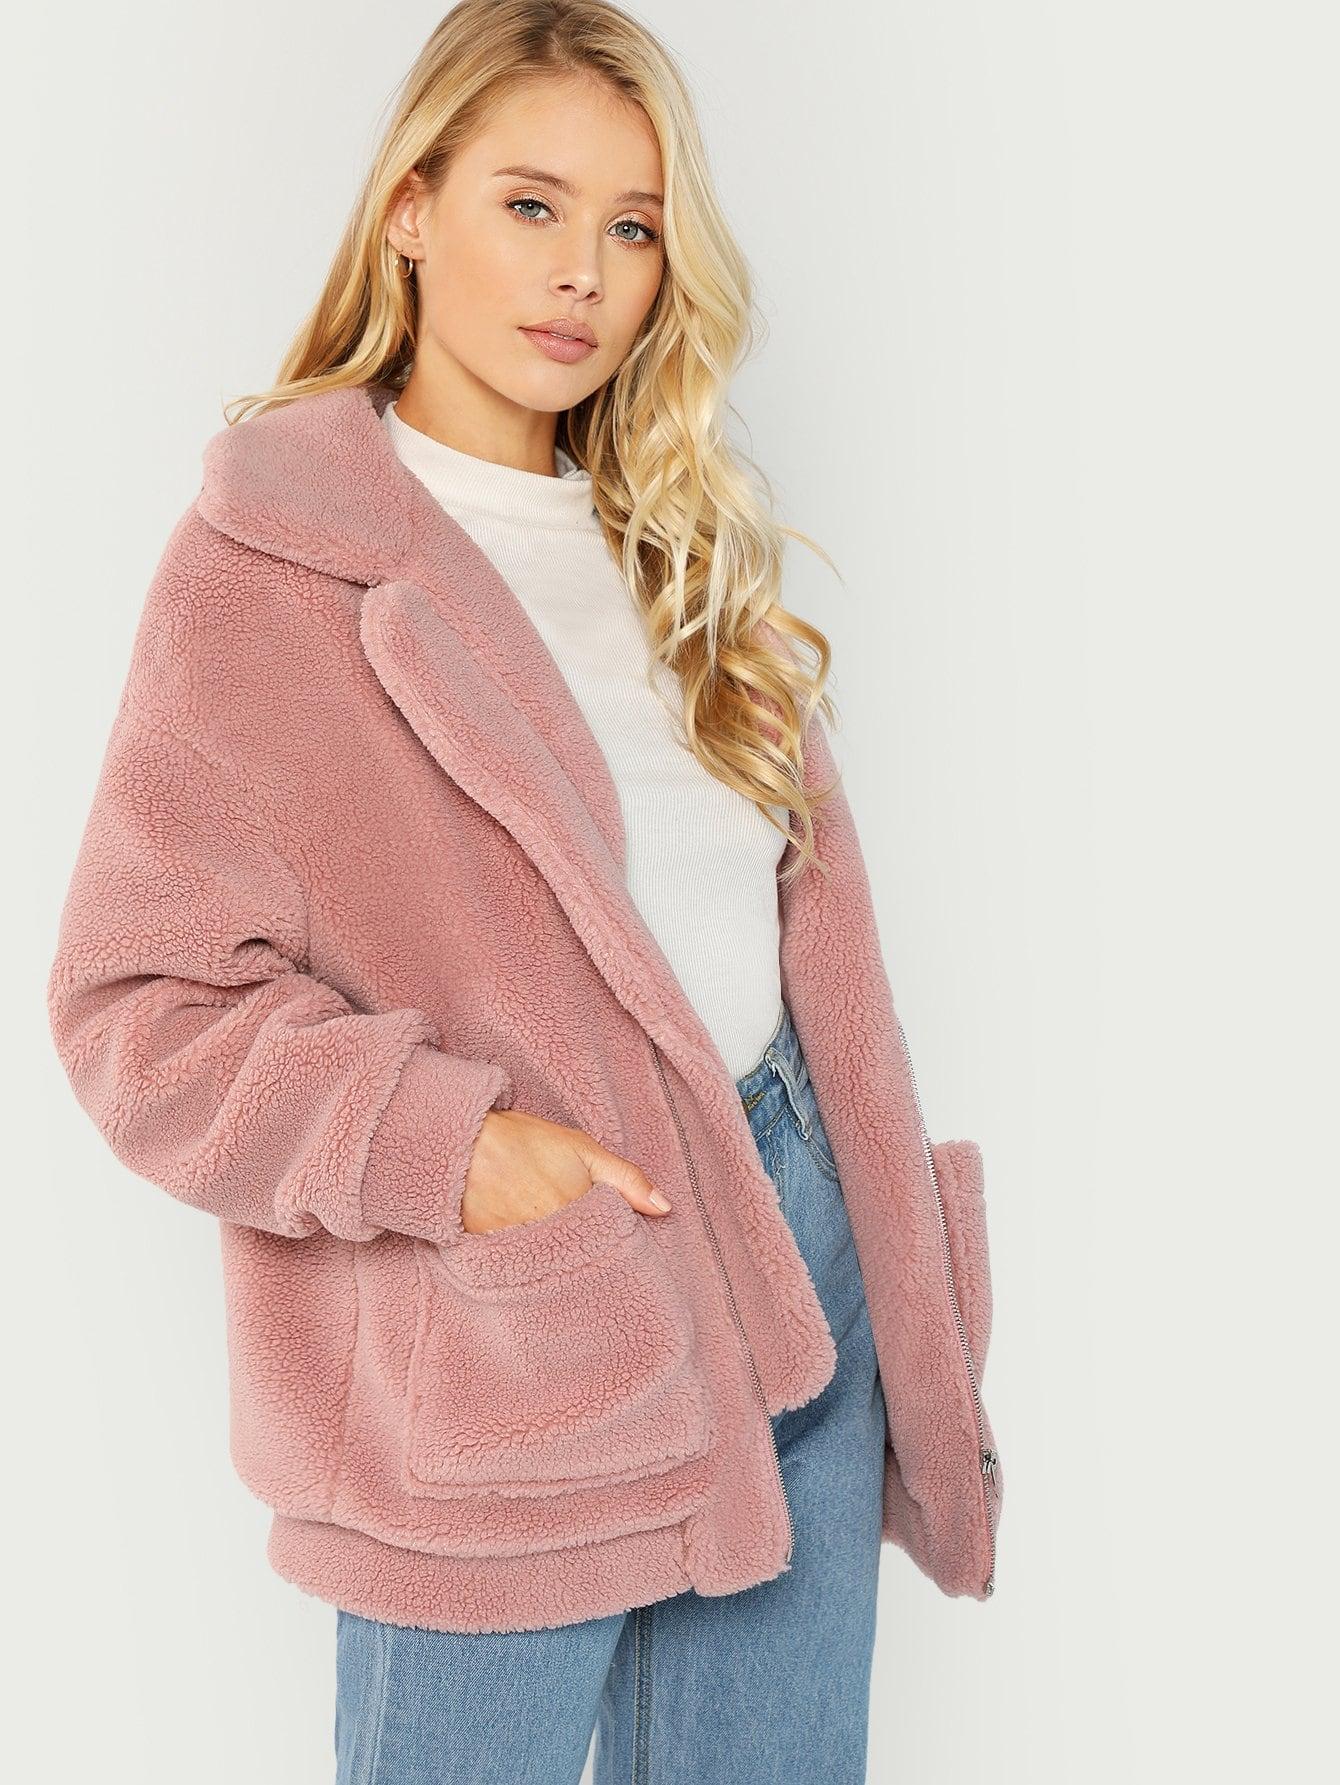 Купить Негабаритная Флисовая тедди куртка с заниженной линией плеч, Allie Leggett, SheIn